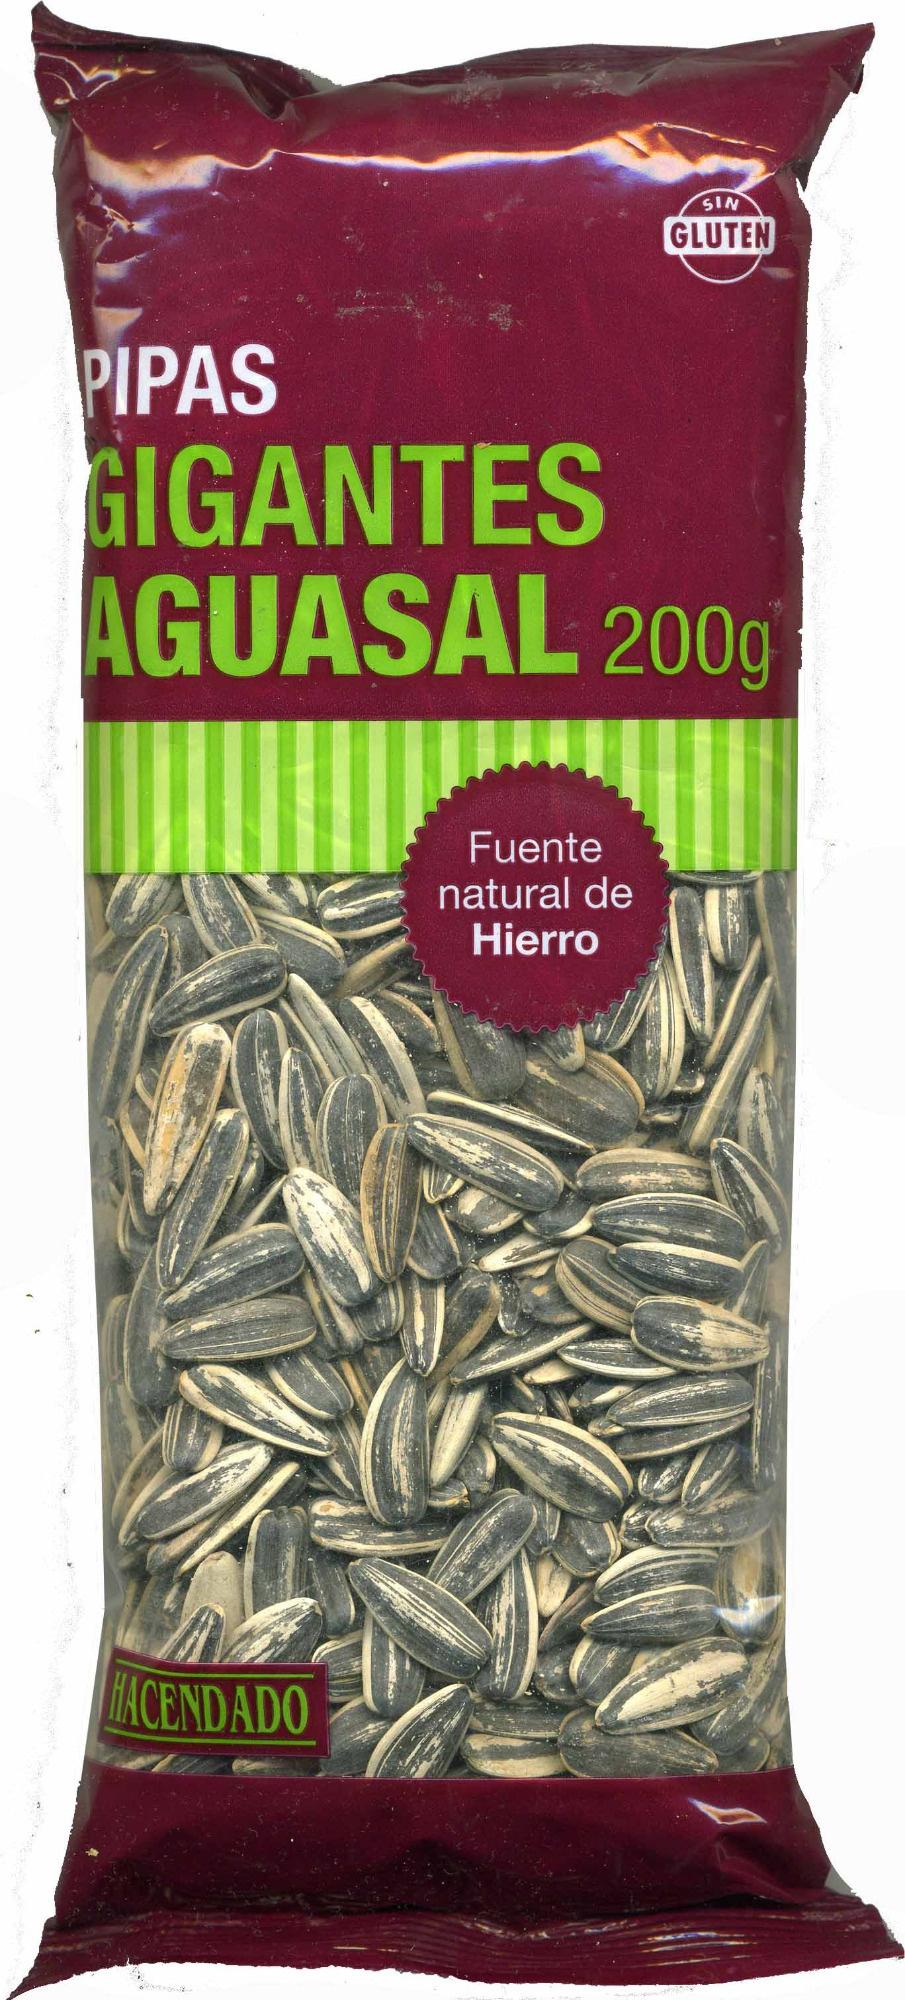 Semillas de girasol con cáscara tostadas aguasal Gigantes - Producto